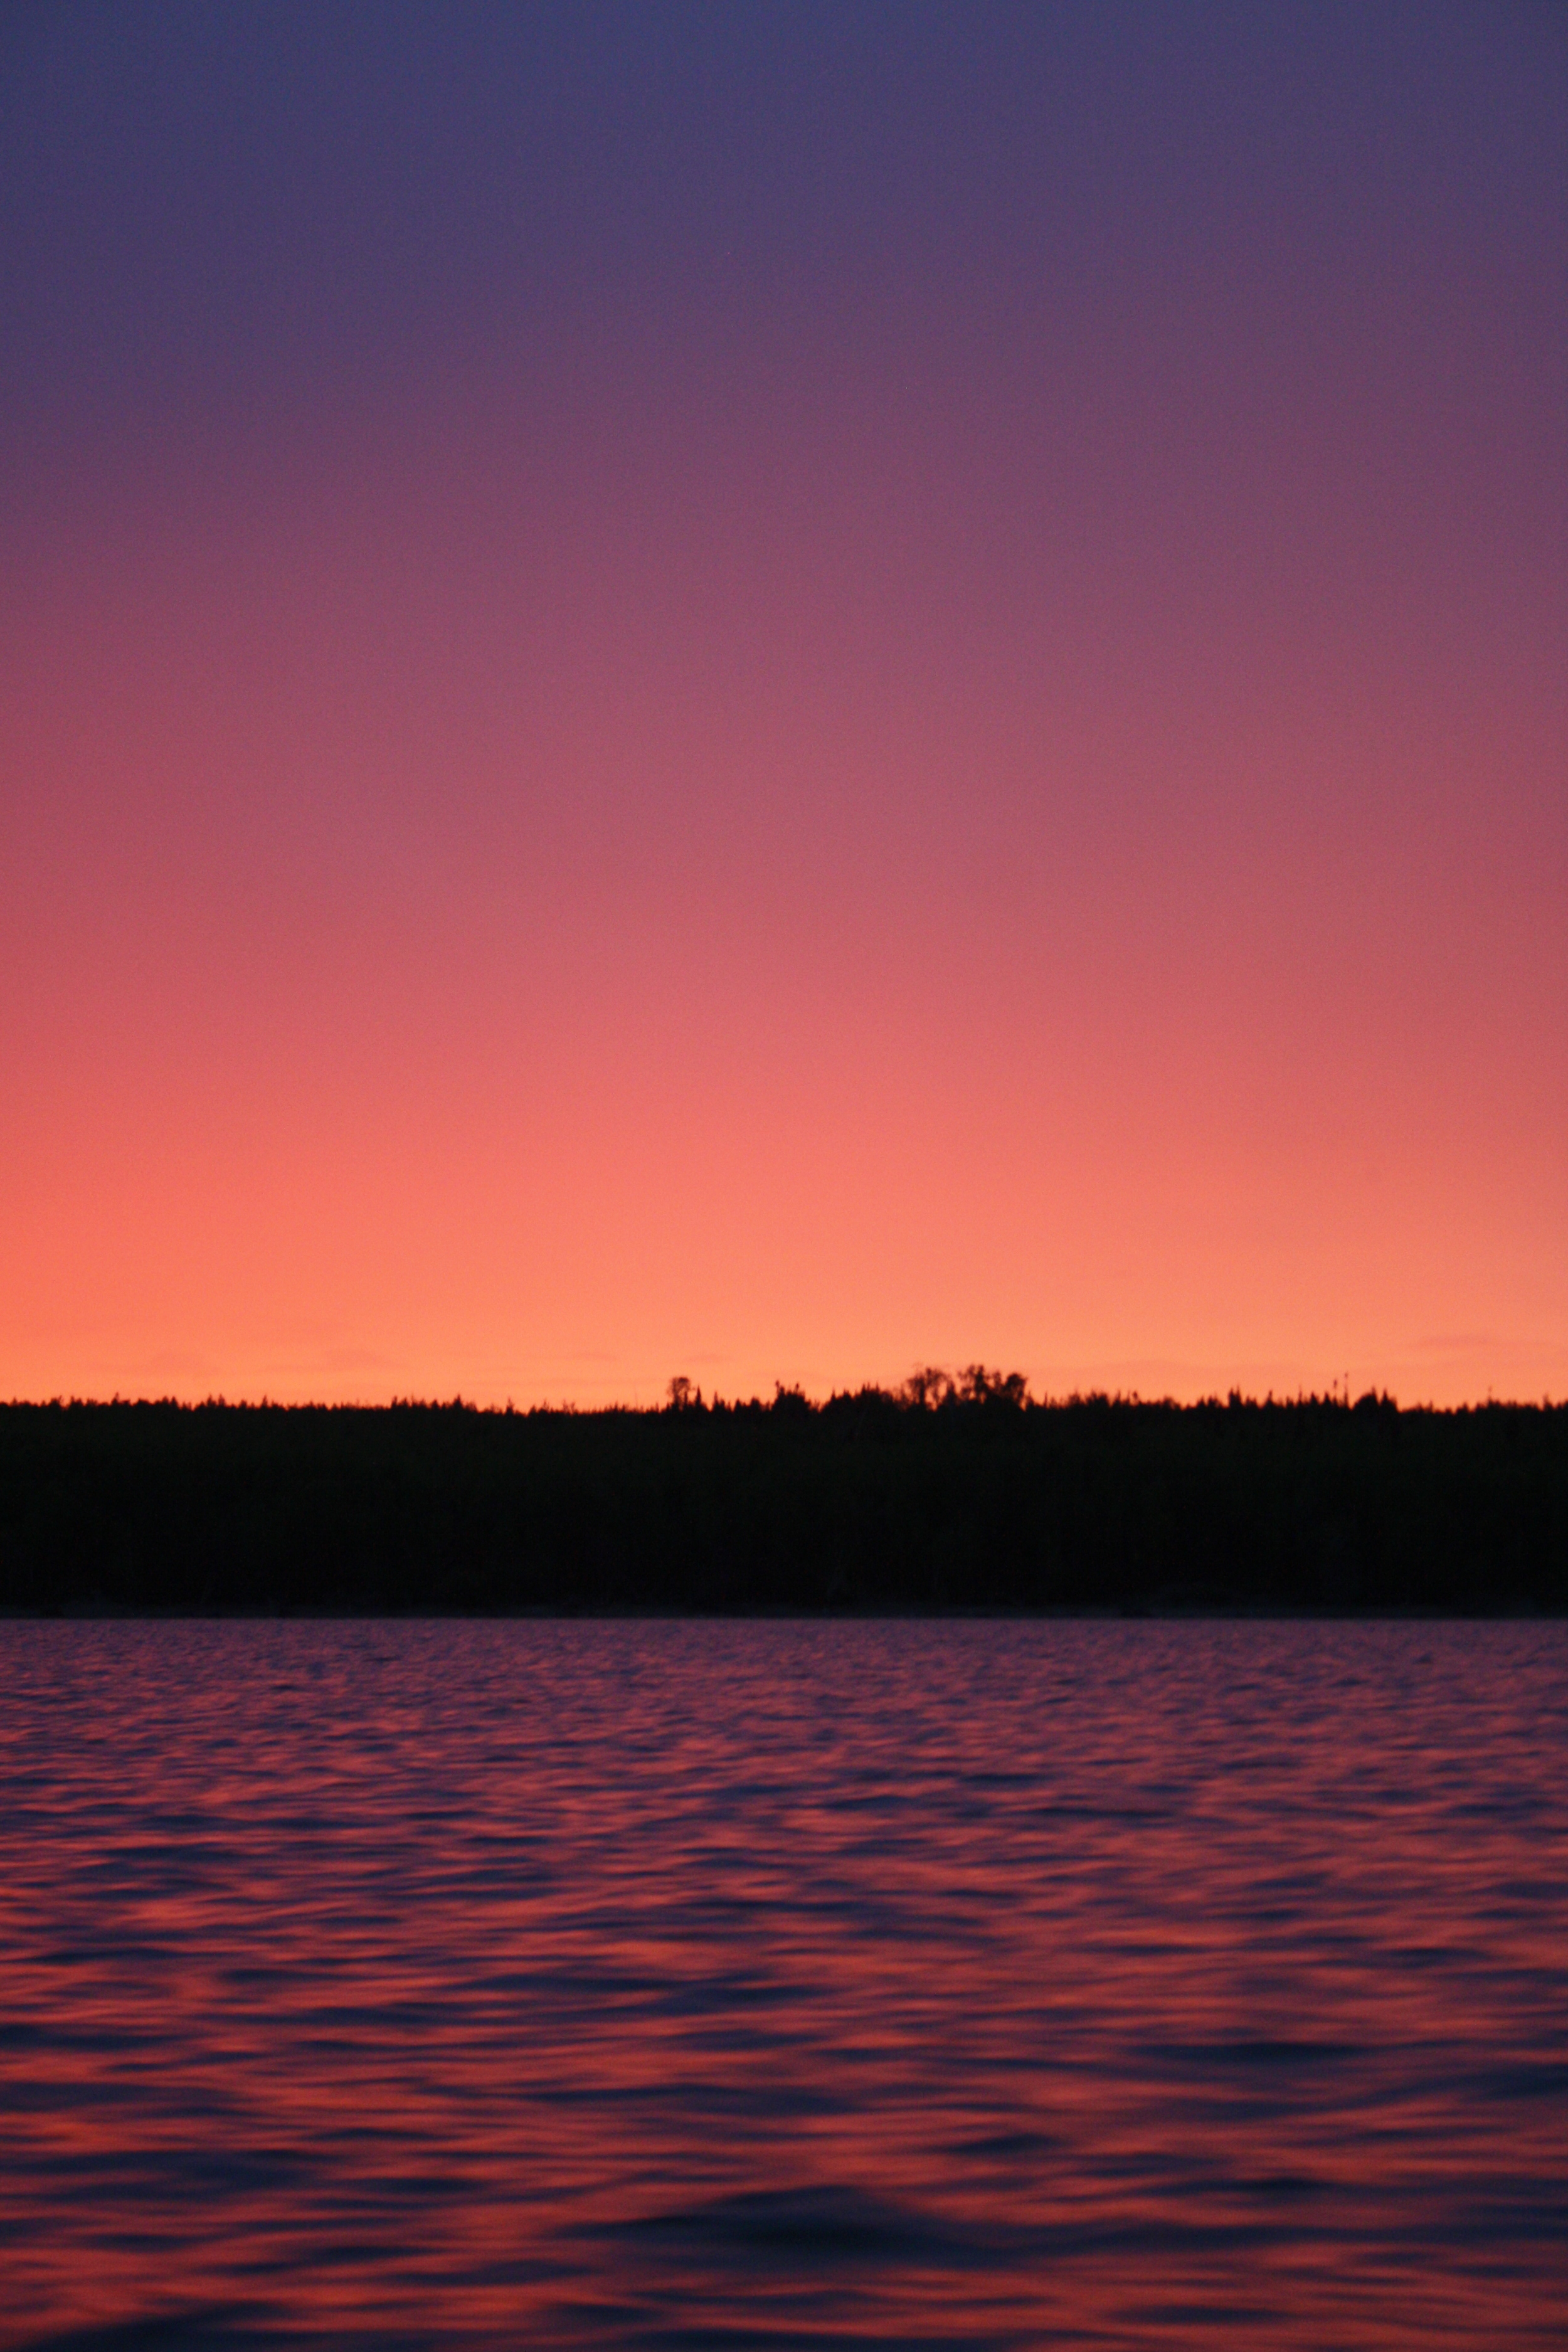 Sunset, Lake Winnipeg